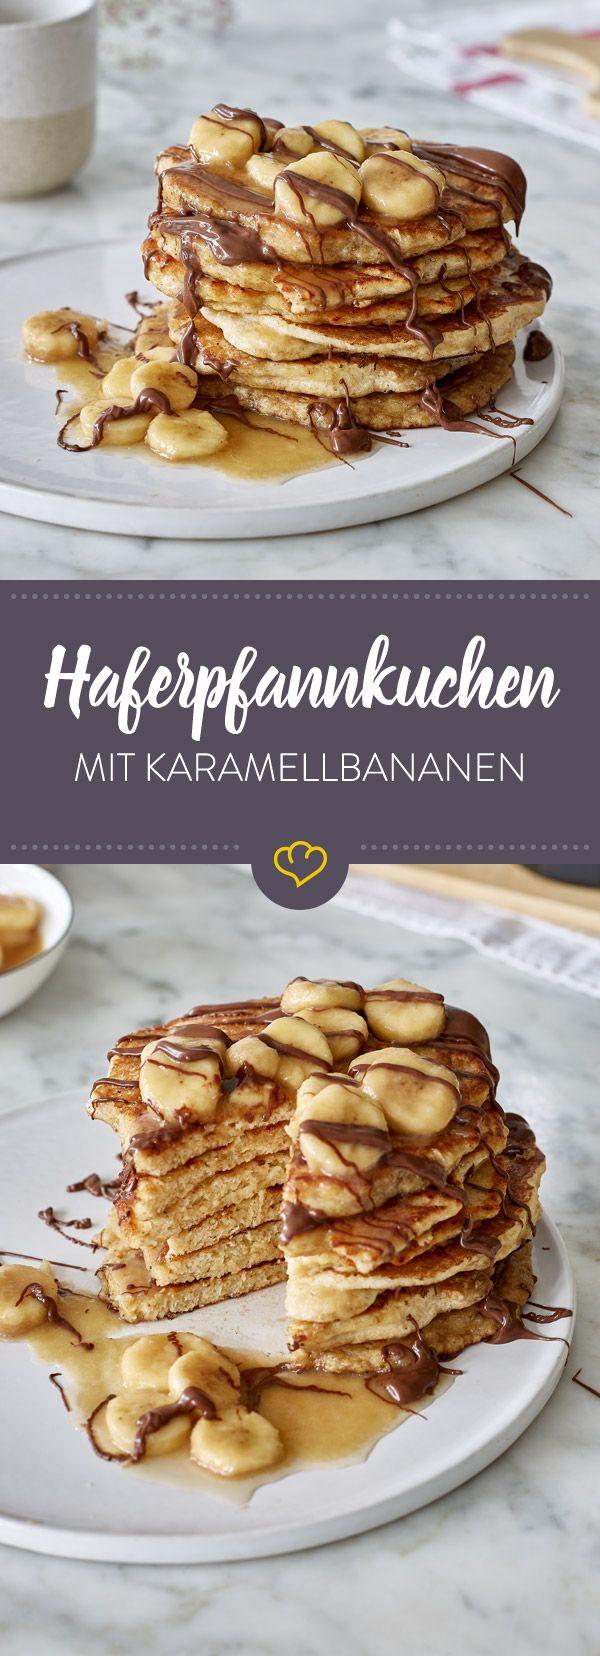 Haferpfannkuchen sind ein besonders günstiges und schnelles Essen. Mit Bananen, Karamell und Nutella getoppt sind sie als süßes Gericht einfach unschlagbar.